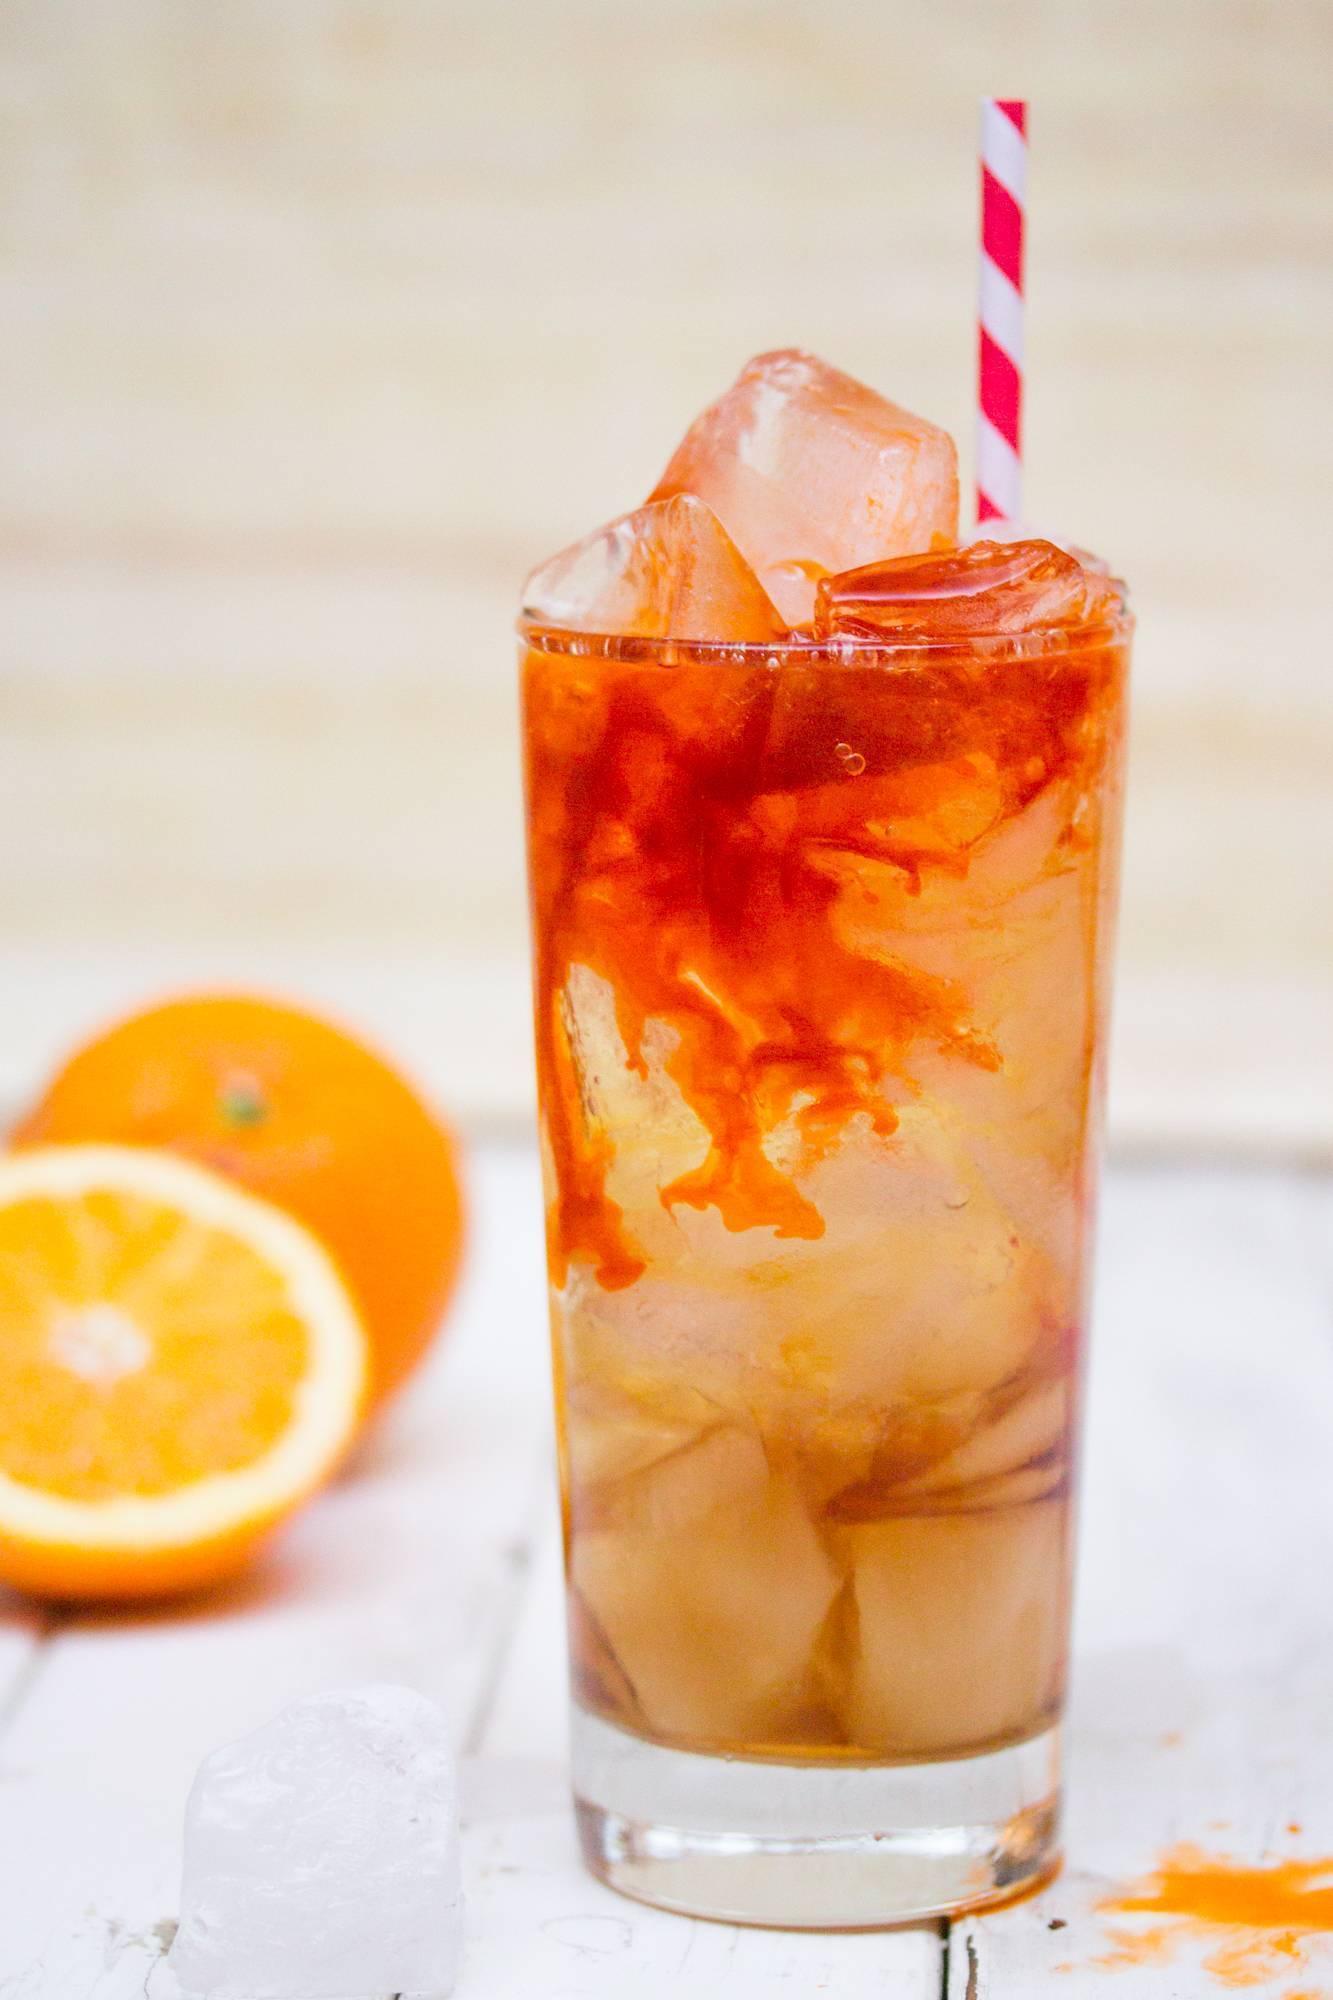 Смешиваем коктейль лонг айленд айс ти напиток для любителей погорячее